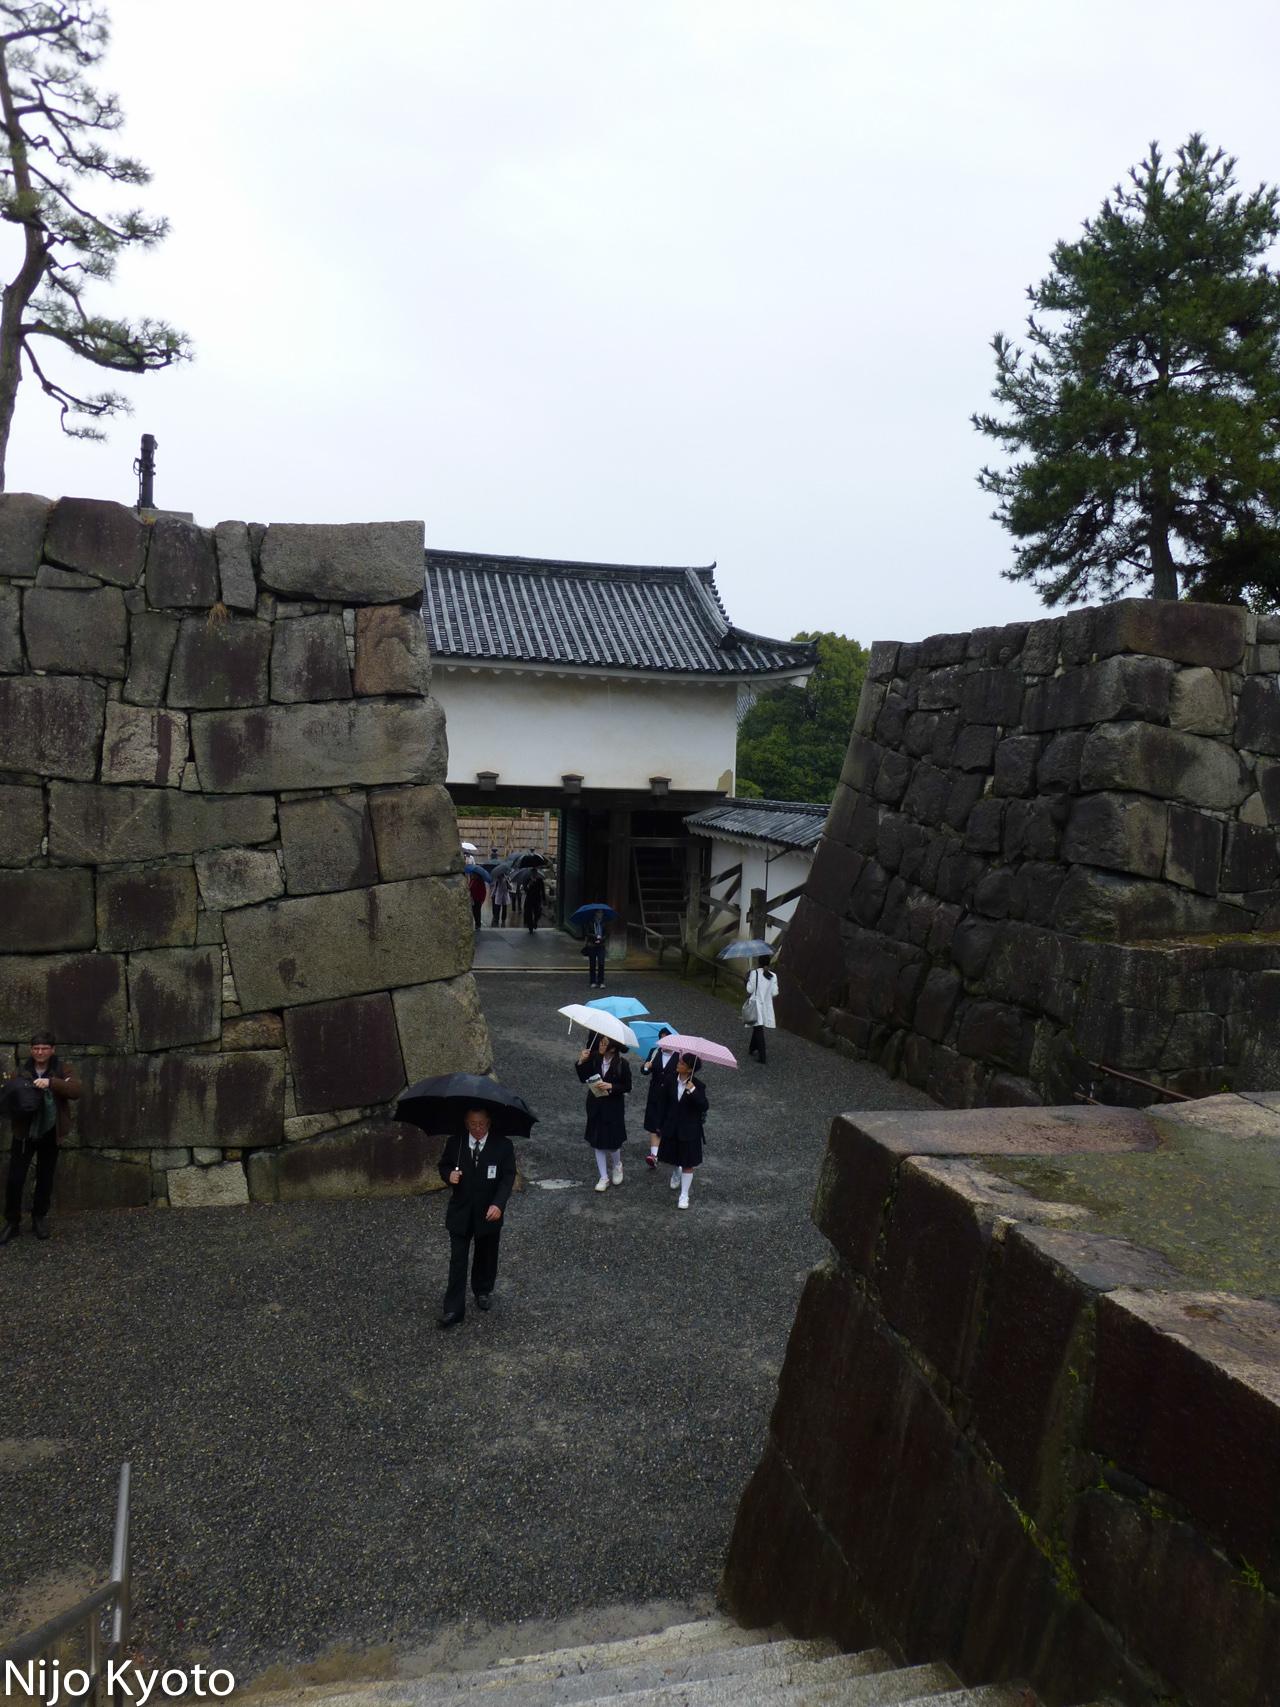 nijo_kyoto-11